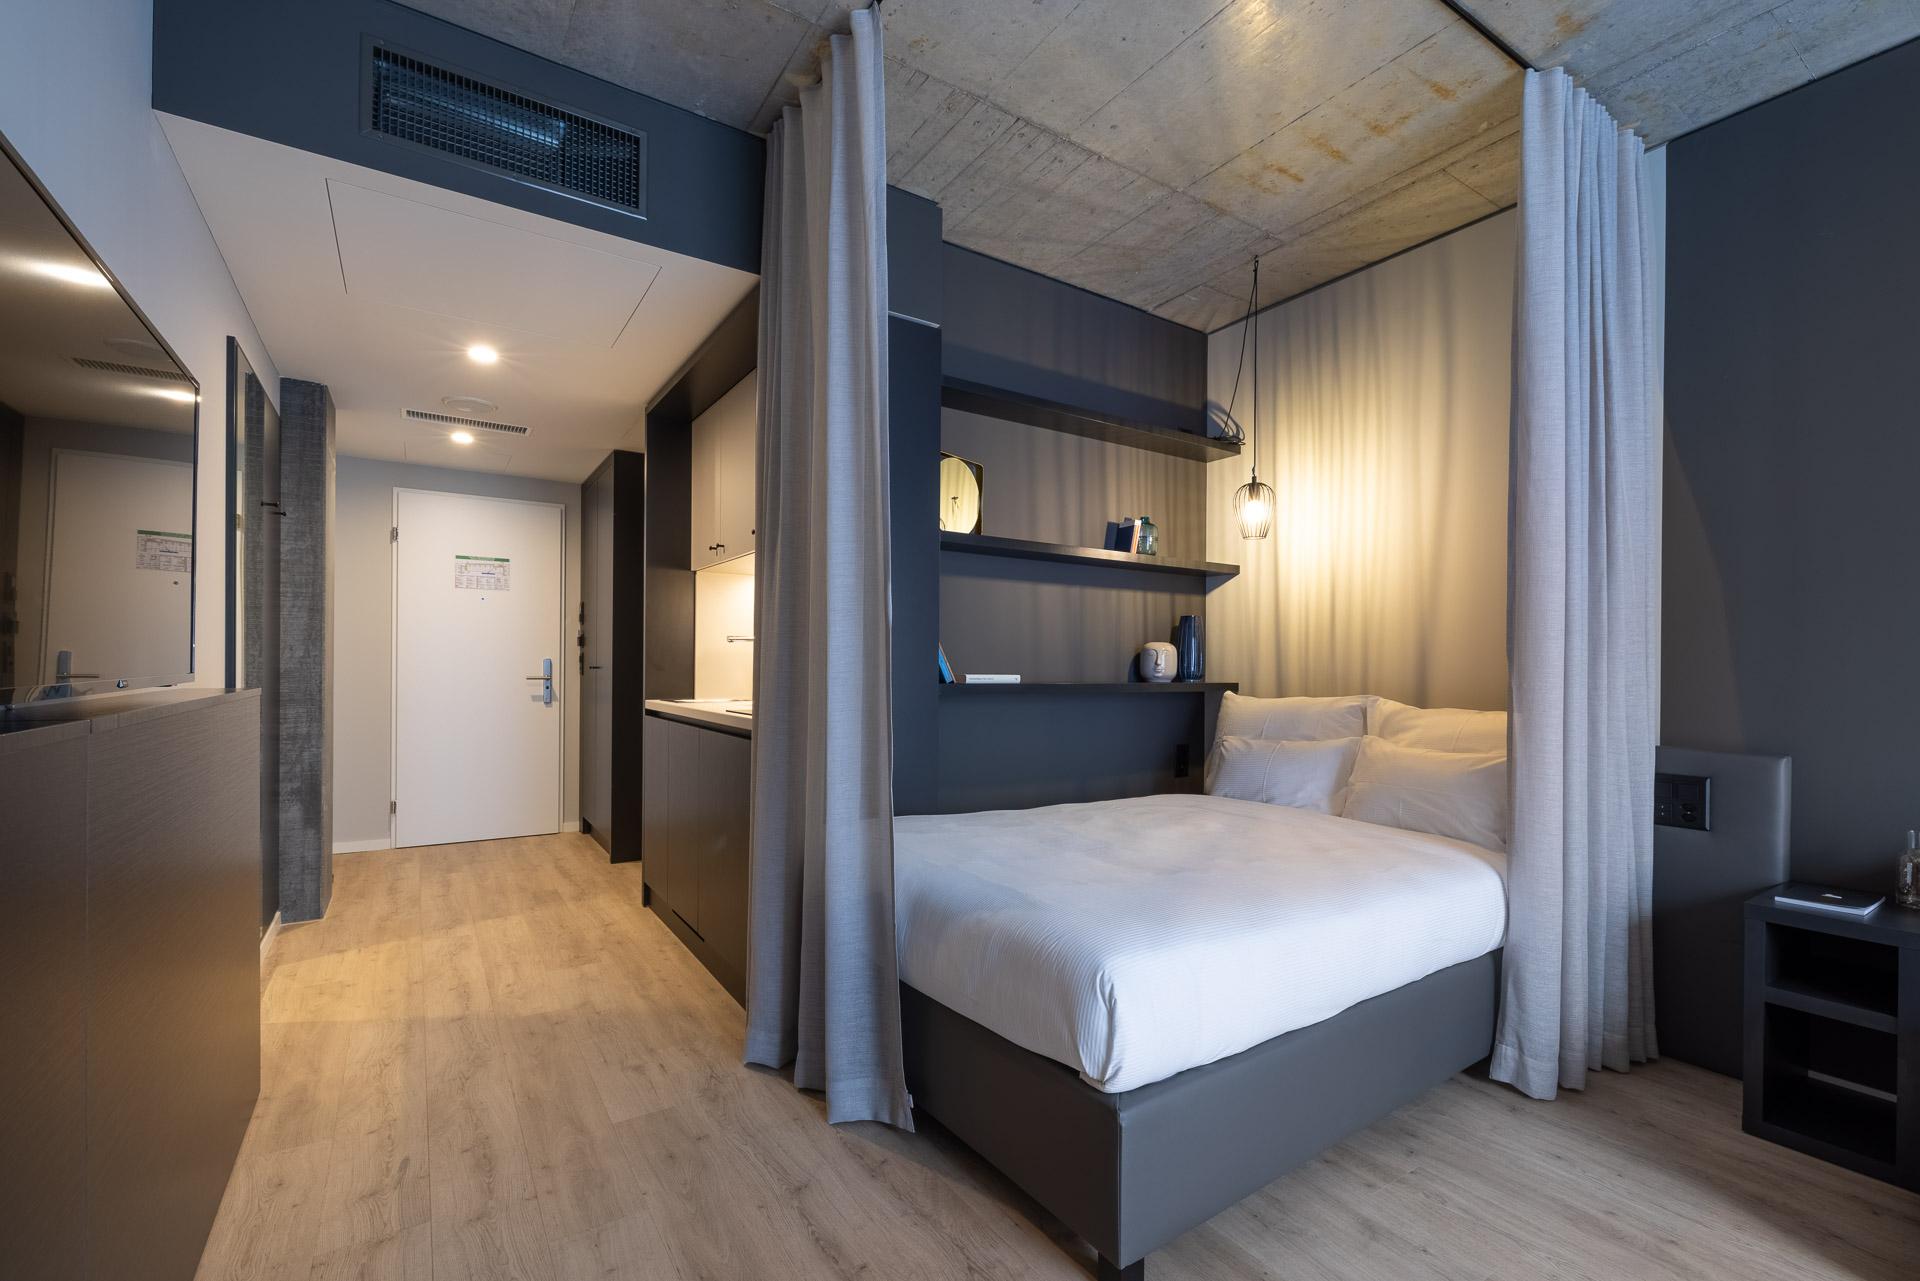 Serviced Apartment in München mit moderner Inneneinrichtung